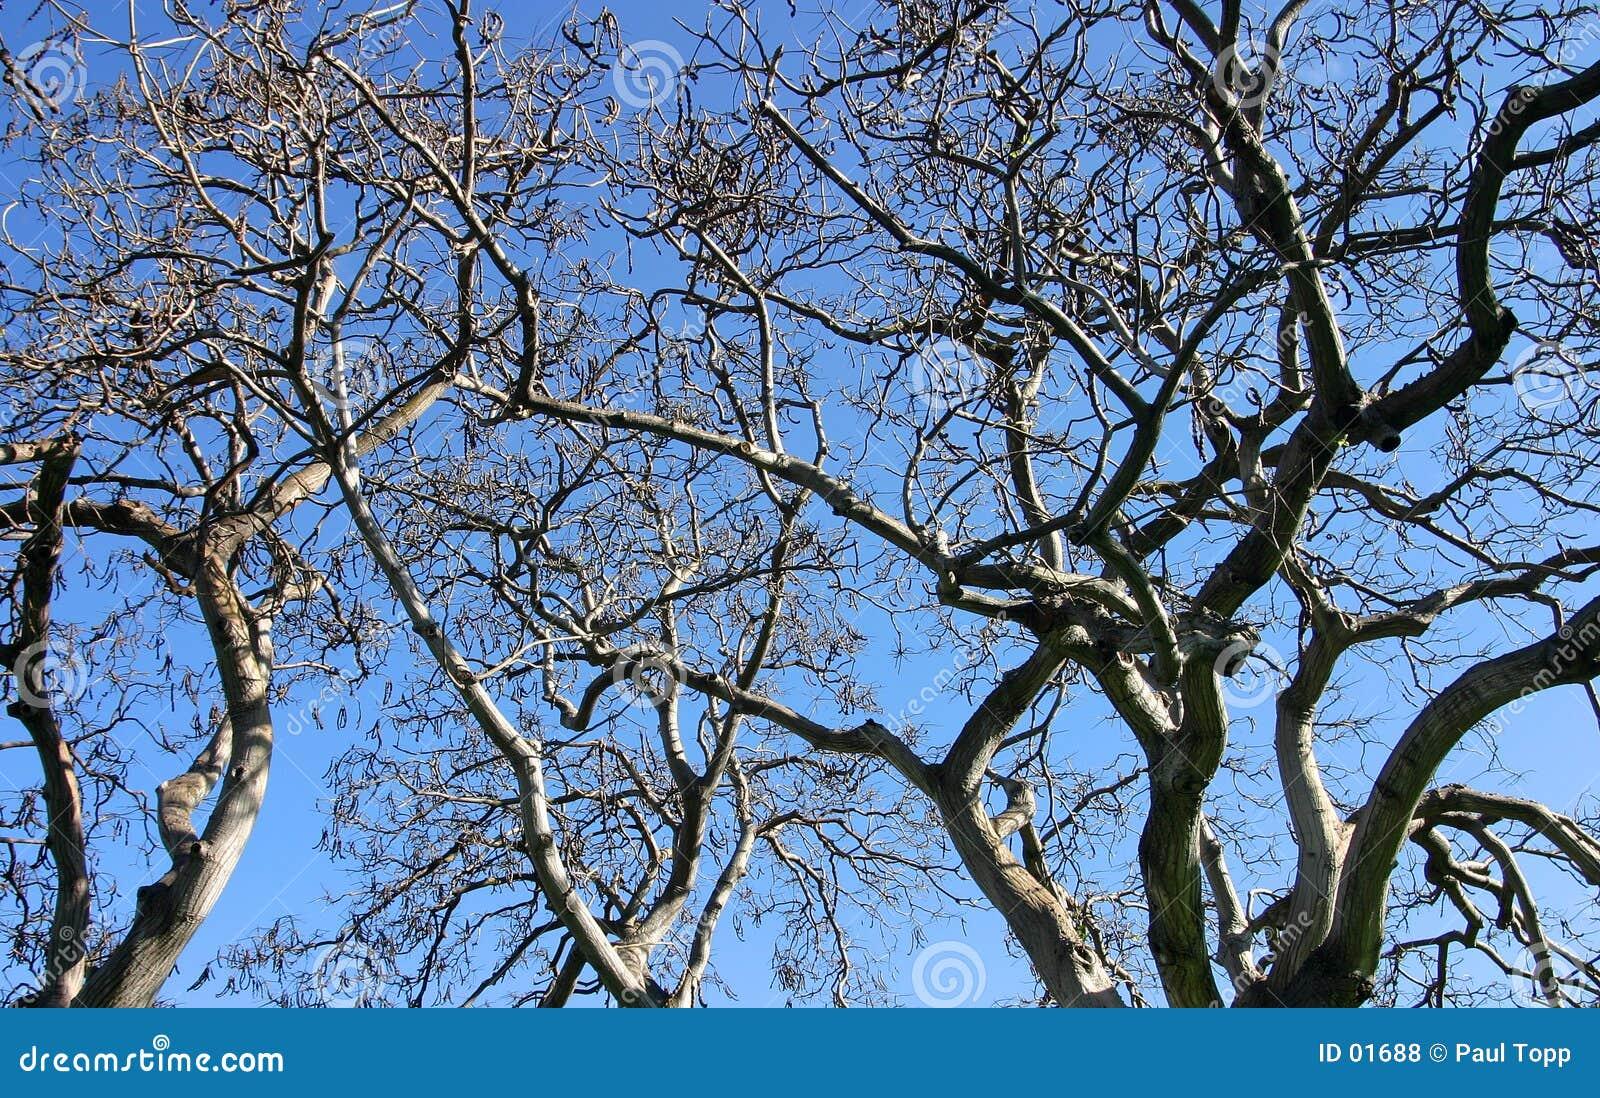 Gałąź odizolowane przeciwko niebieskiego nieba drzewo